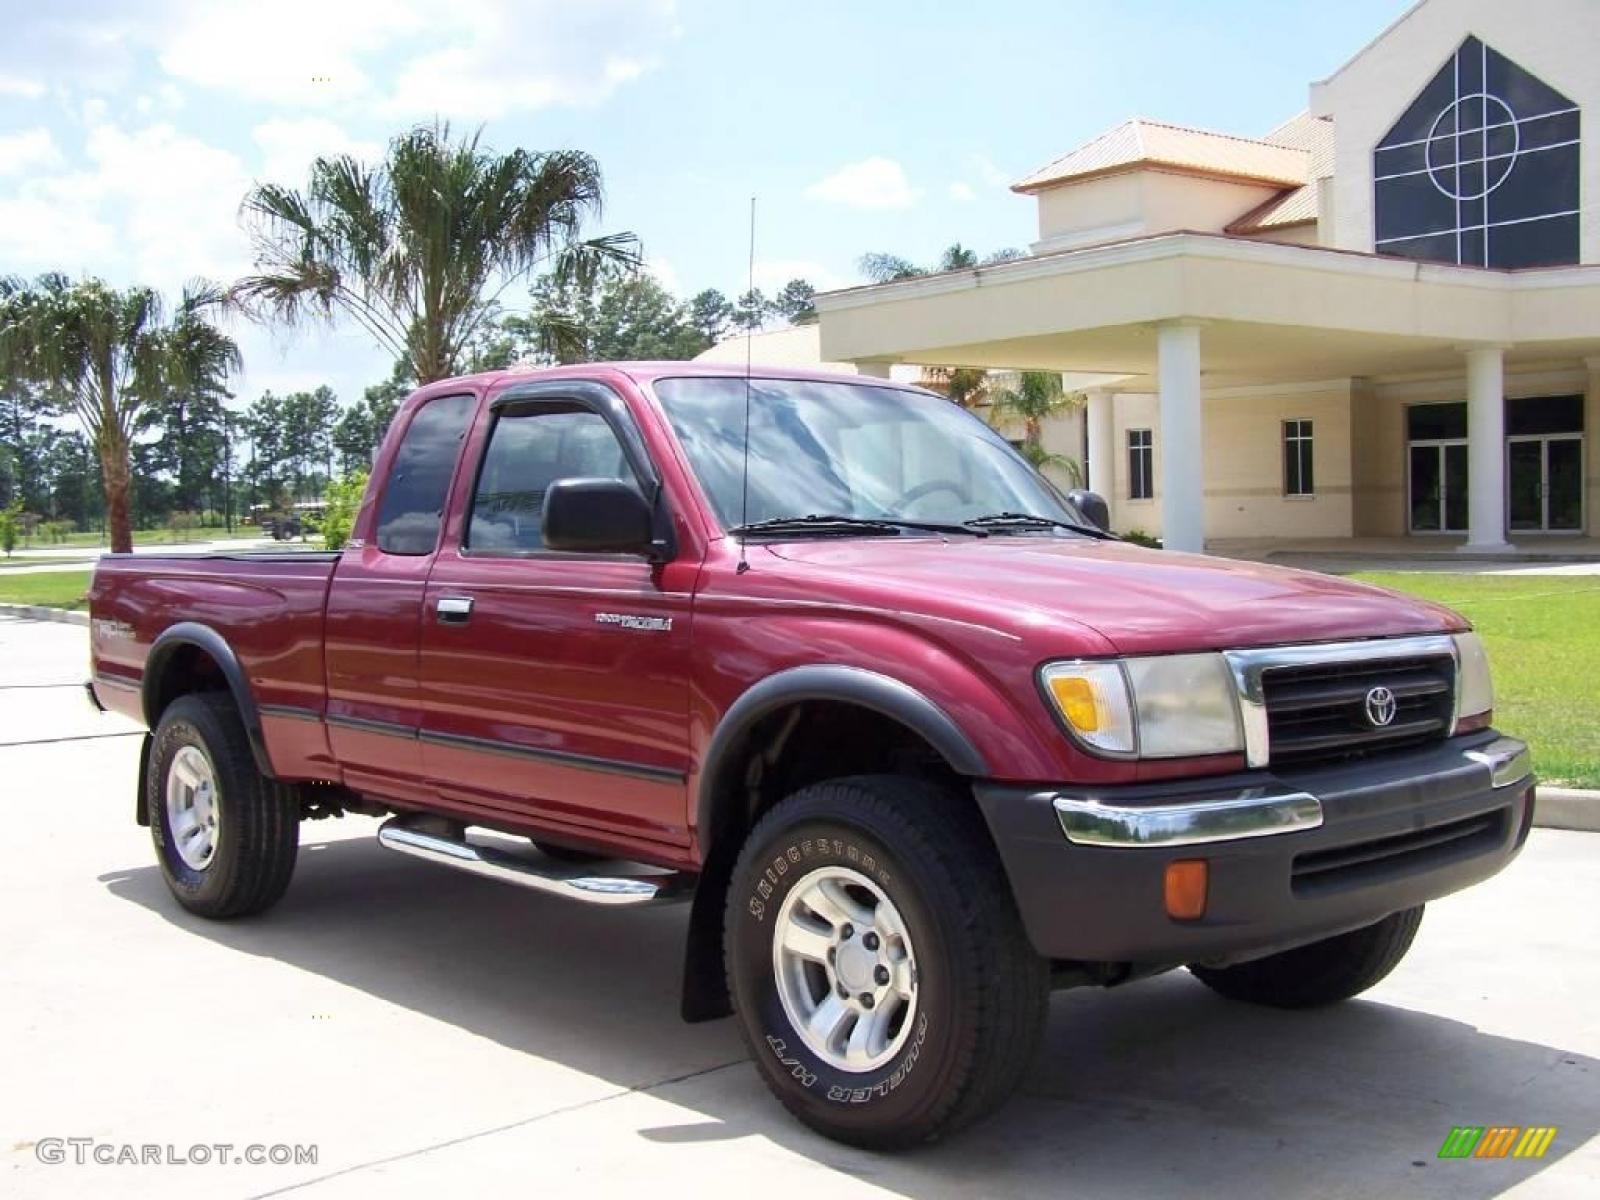 800 1024 1280 1600 Origin 2000 Toyota Tacoma ...